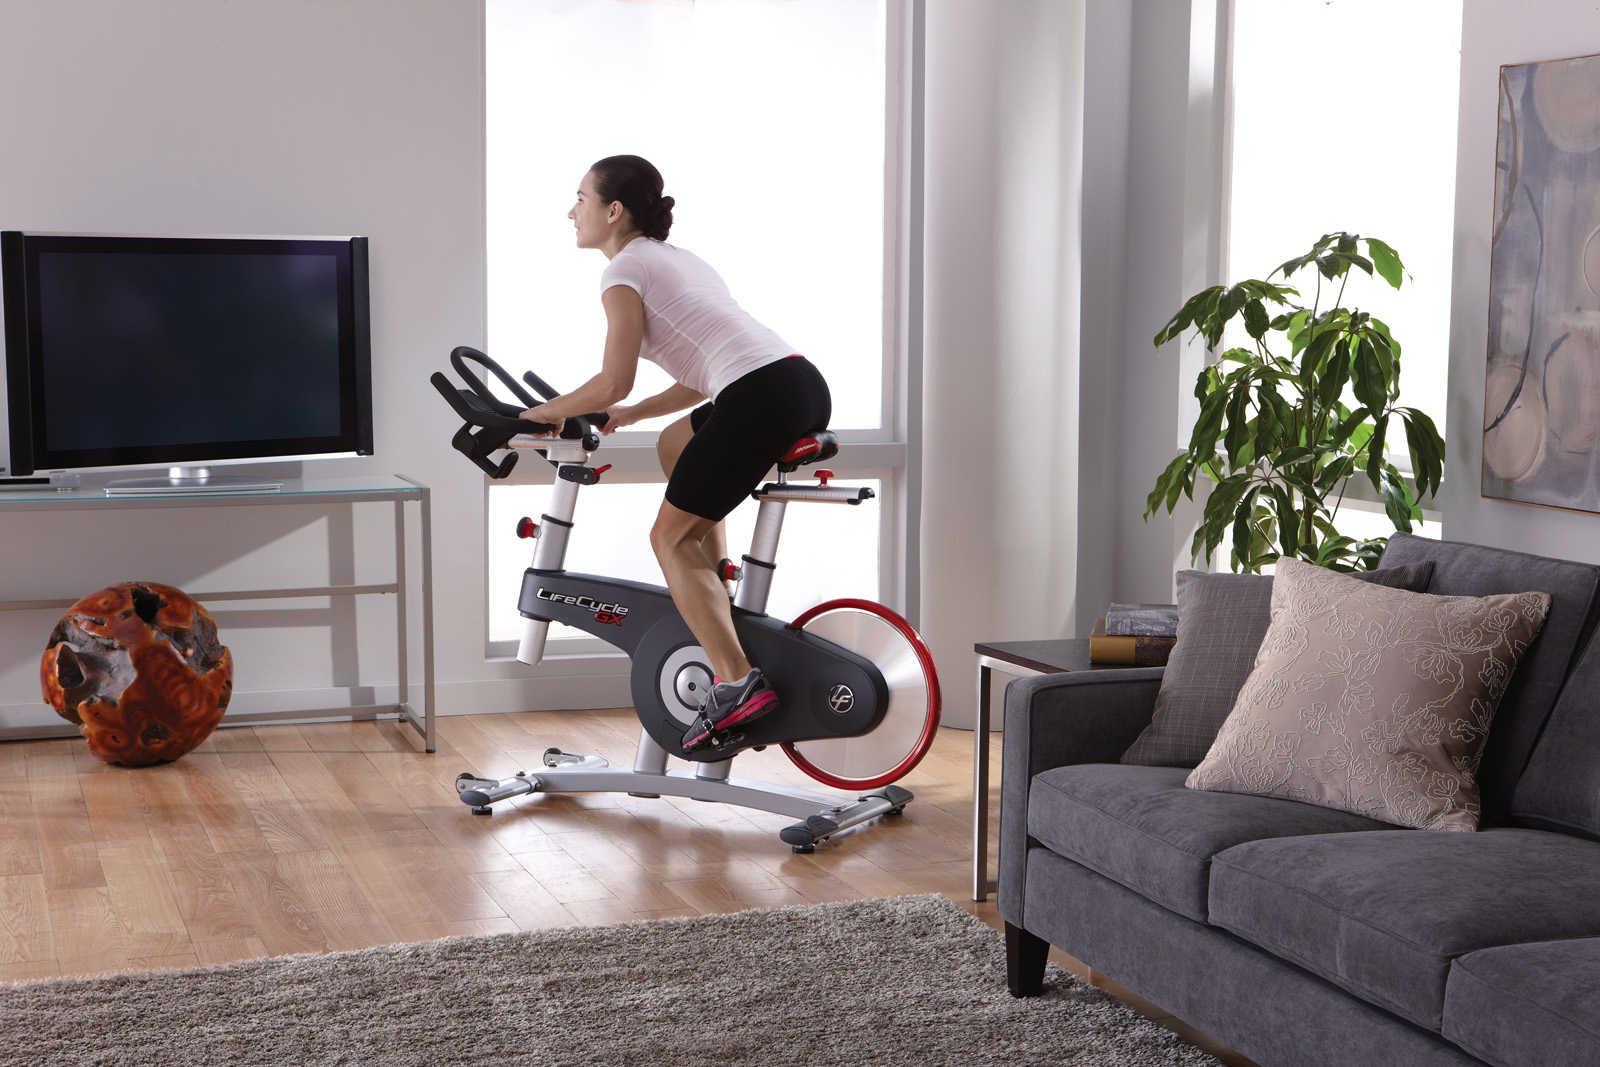 Сколько времени крутить велотренажер для похудения